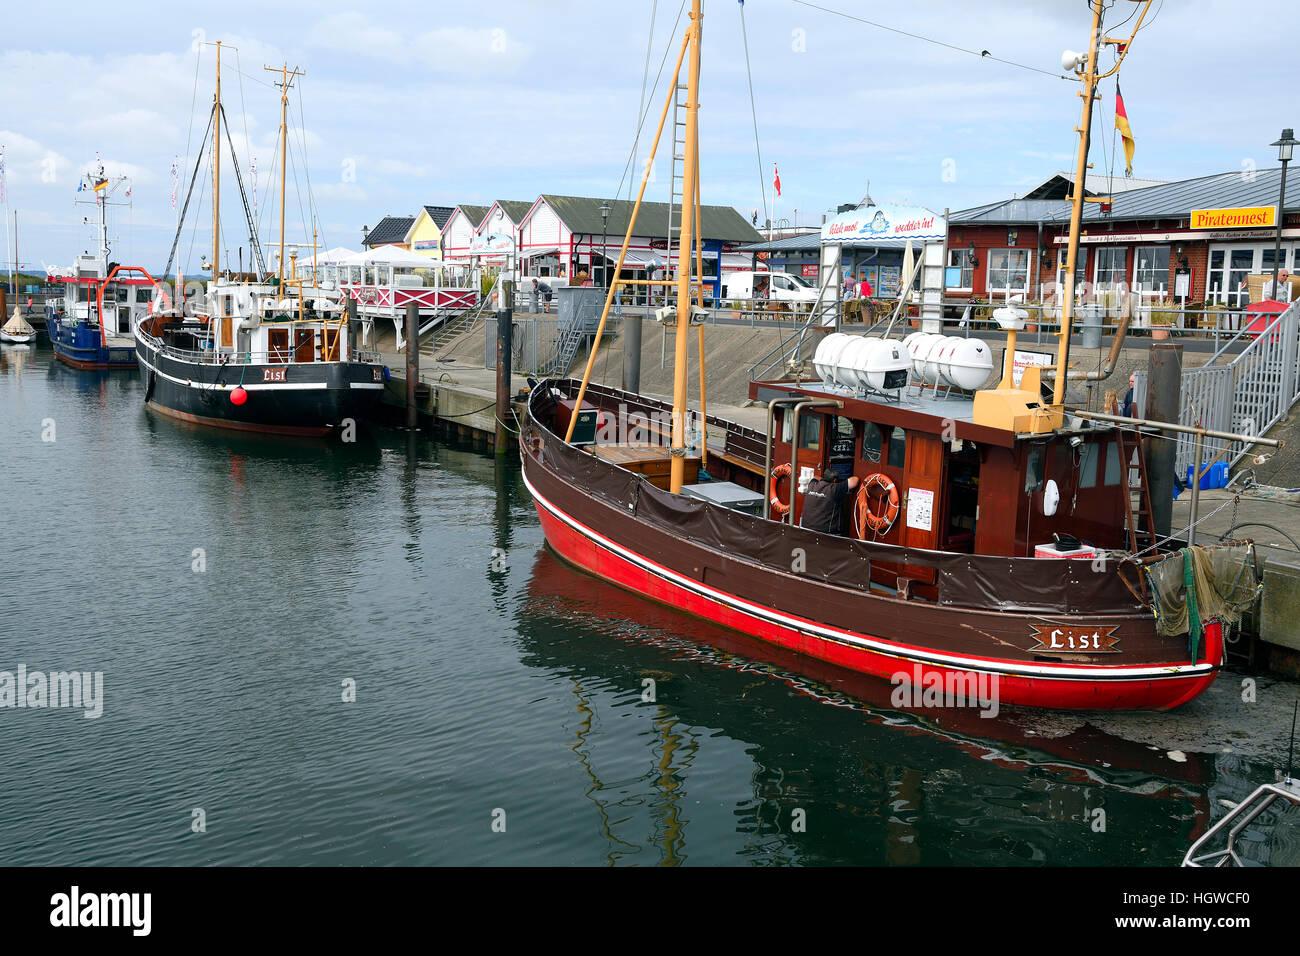 Kutter mit Touristen im Hafen von List, Sylt, nordfriesische Inseln, Nordfriesland, Schleswig-Holstein, Deutschland - Stock Image